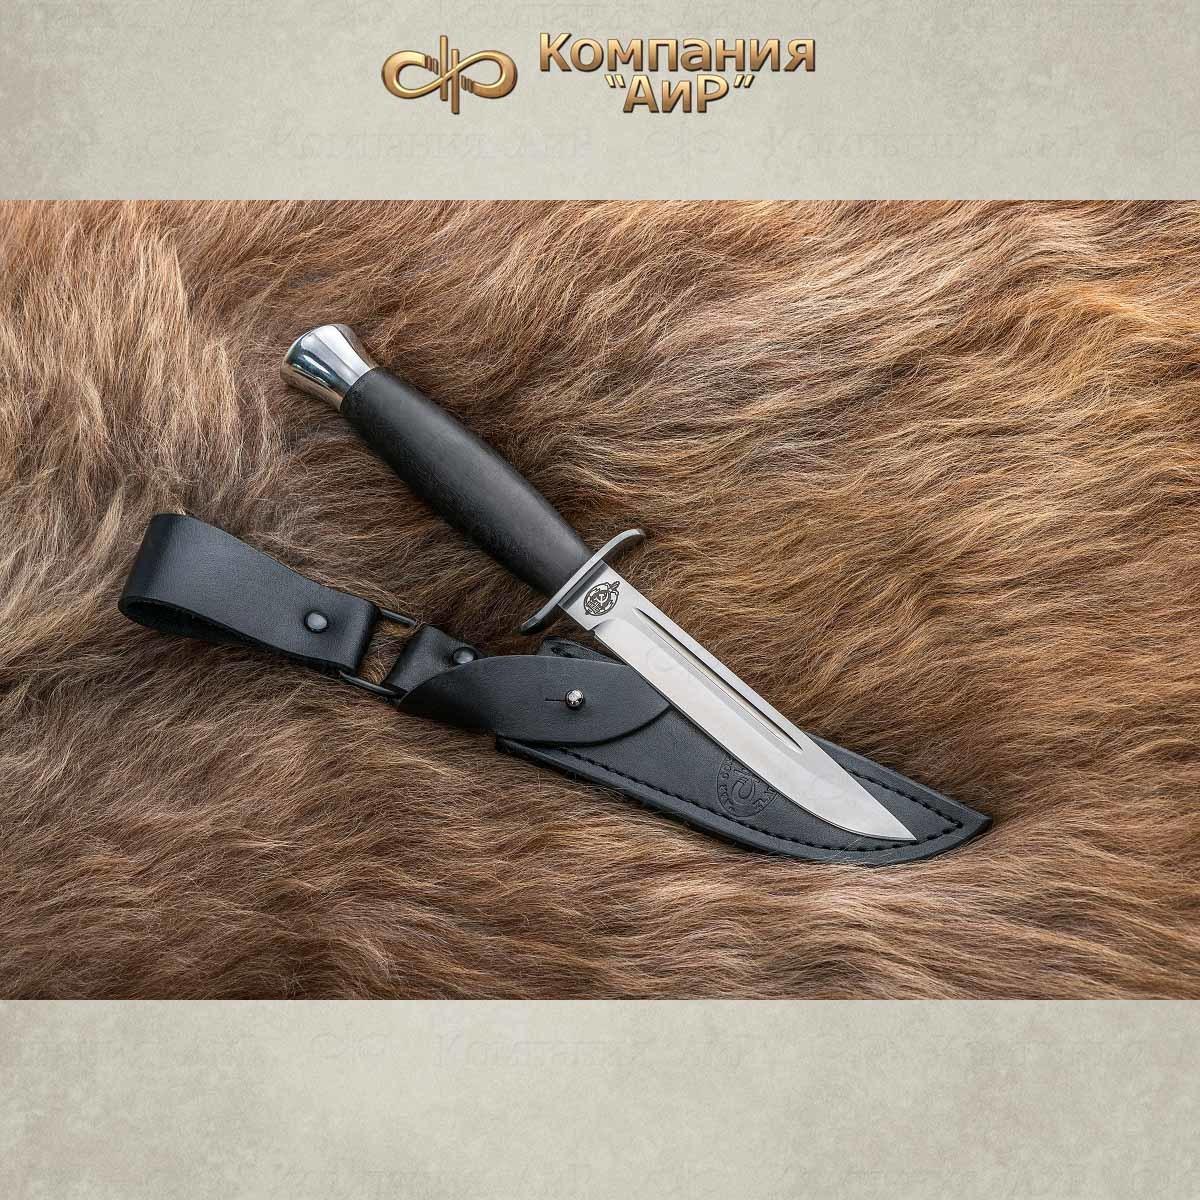 Фото - Нож АиР Финка-2, сталь 110х18 М-ШД, рукоять граб нож казацкий засапожный сталь 110х18 рукоять граб